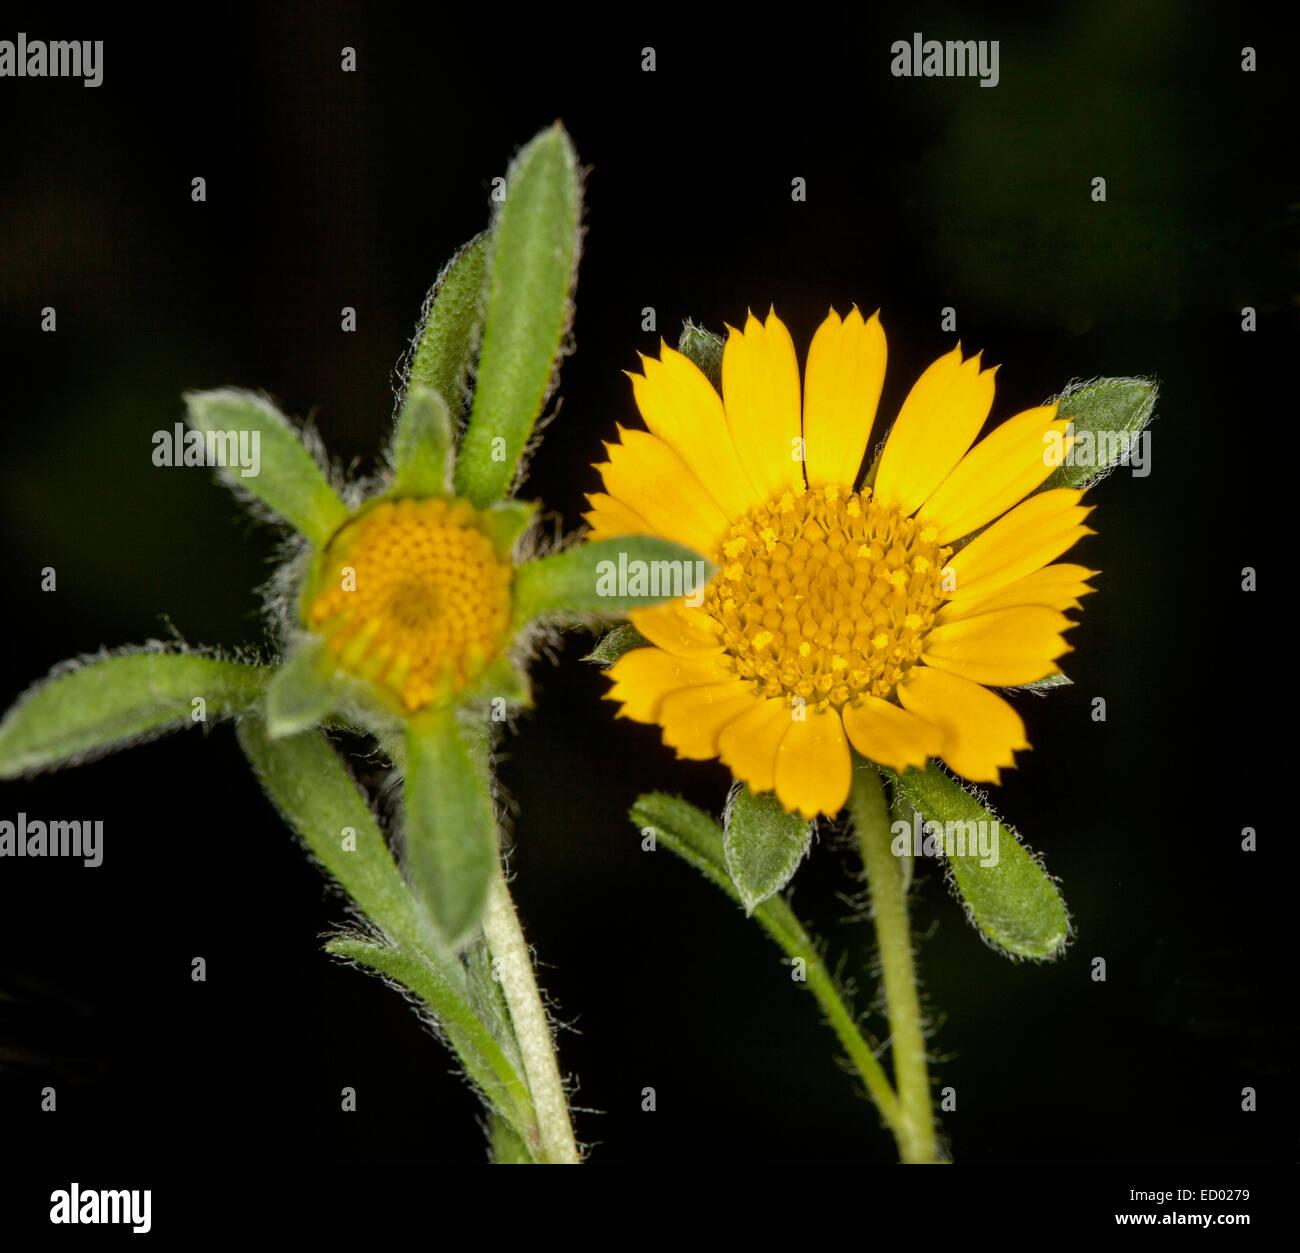 une plante Martin 1er avril trouvée par Jov' Fleur-jaune-feuilles-vertes-et-velues-de-asteriscus-maritimus-teris-jaune-plage-mediterraneenne-daisy-sur-fond-noir-ed0279